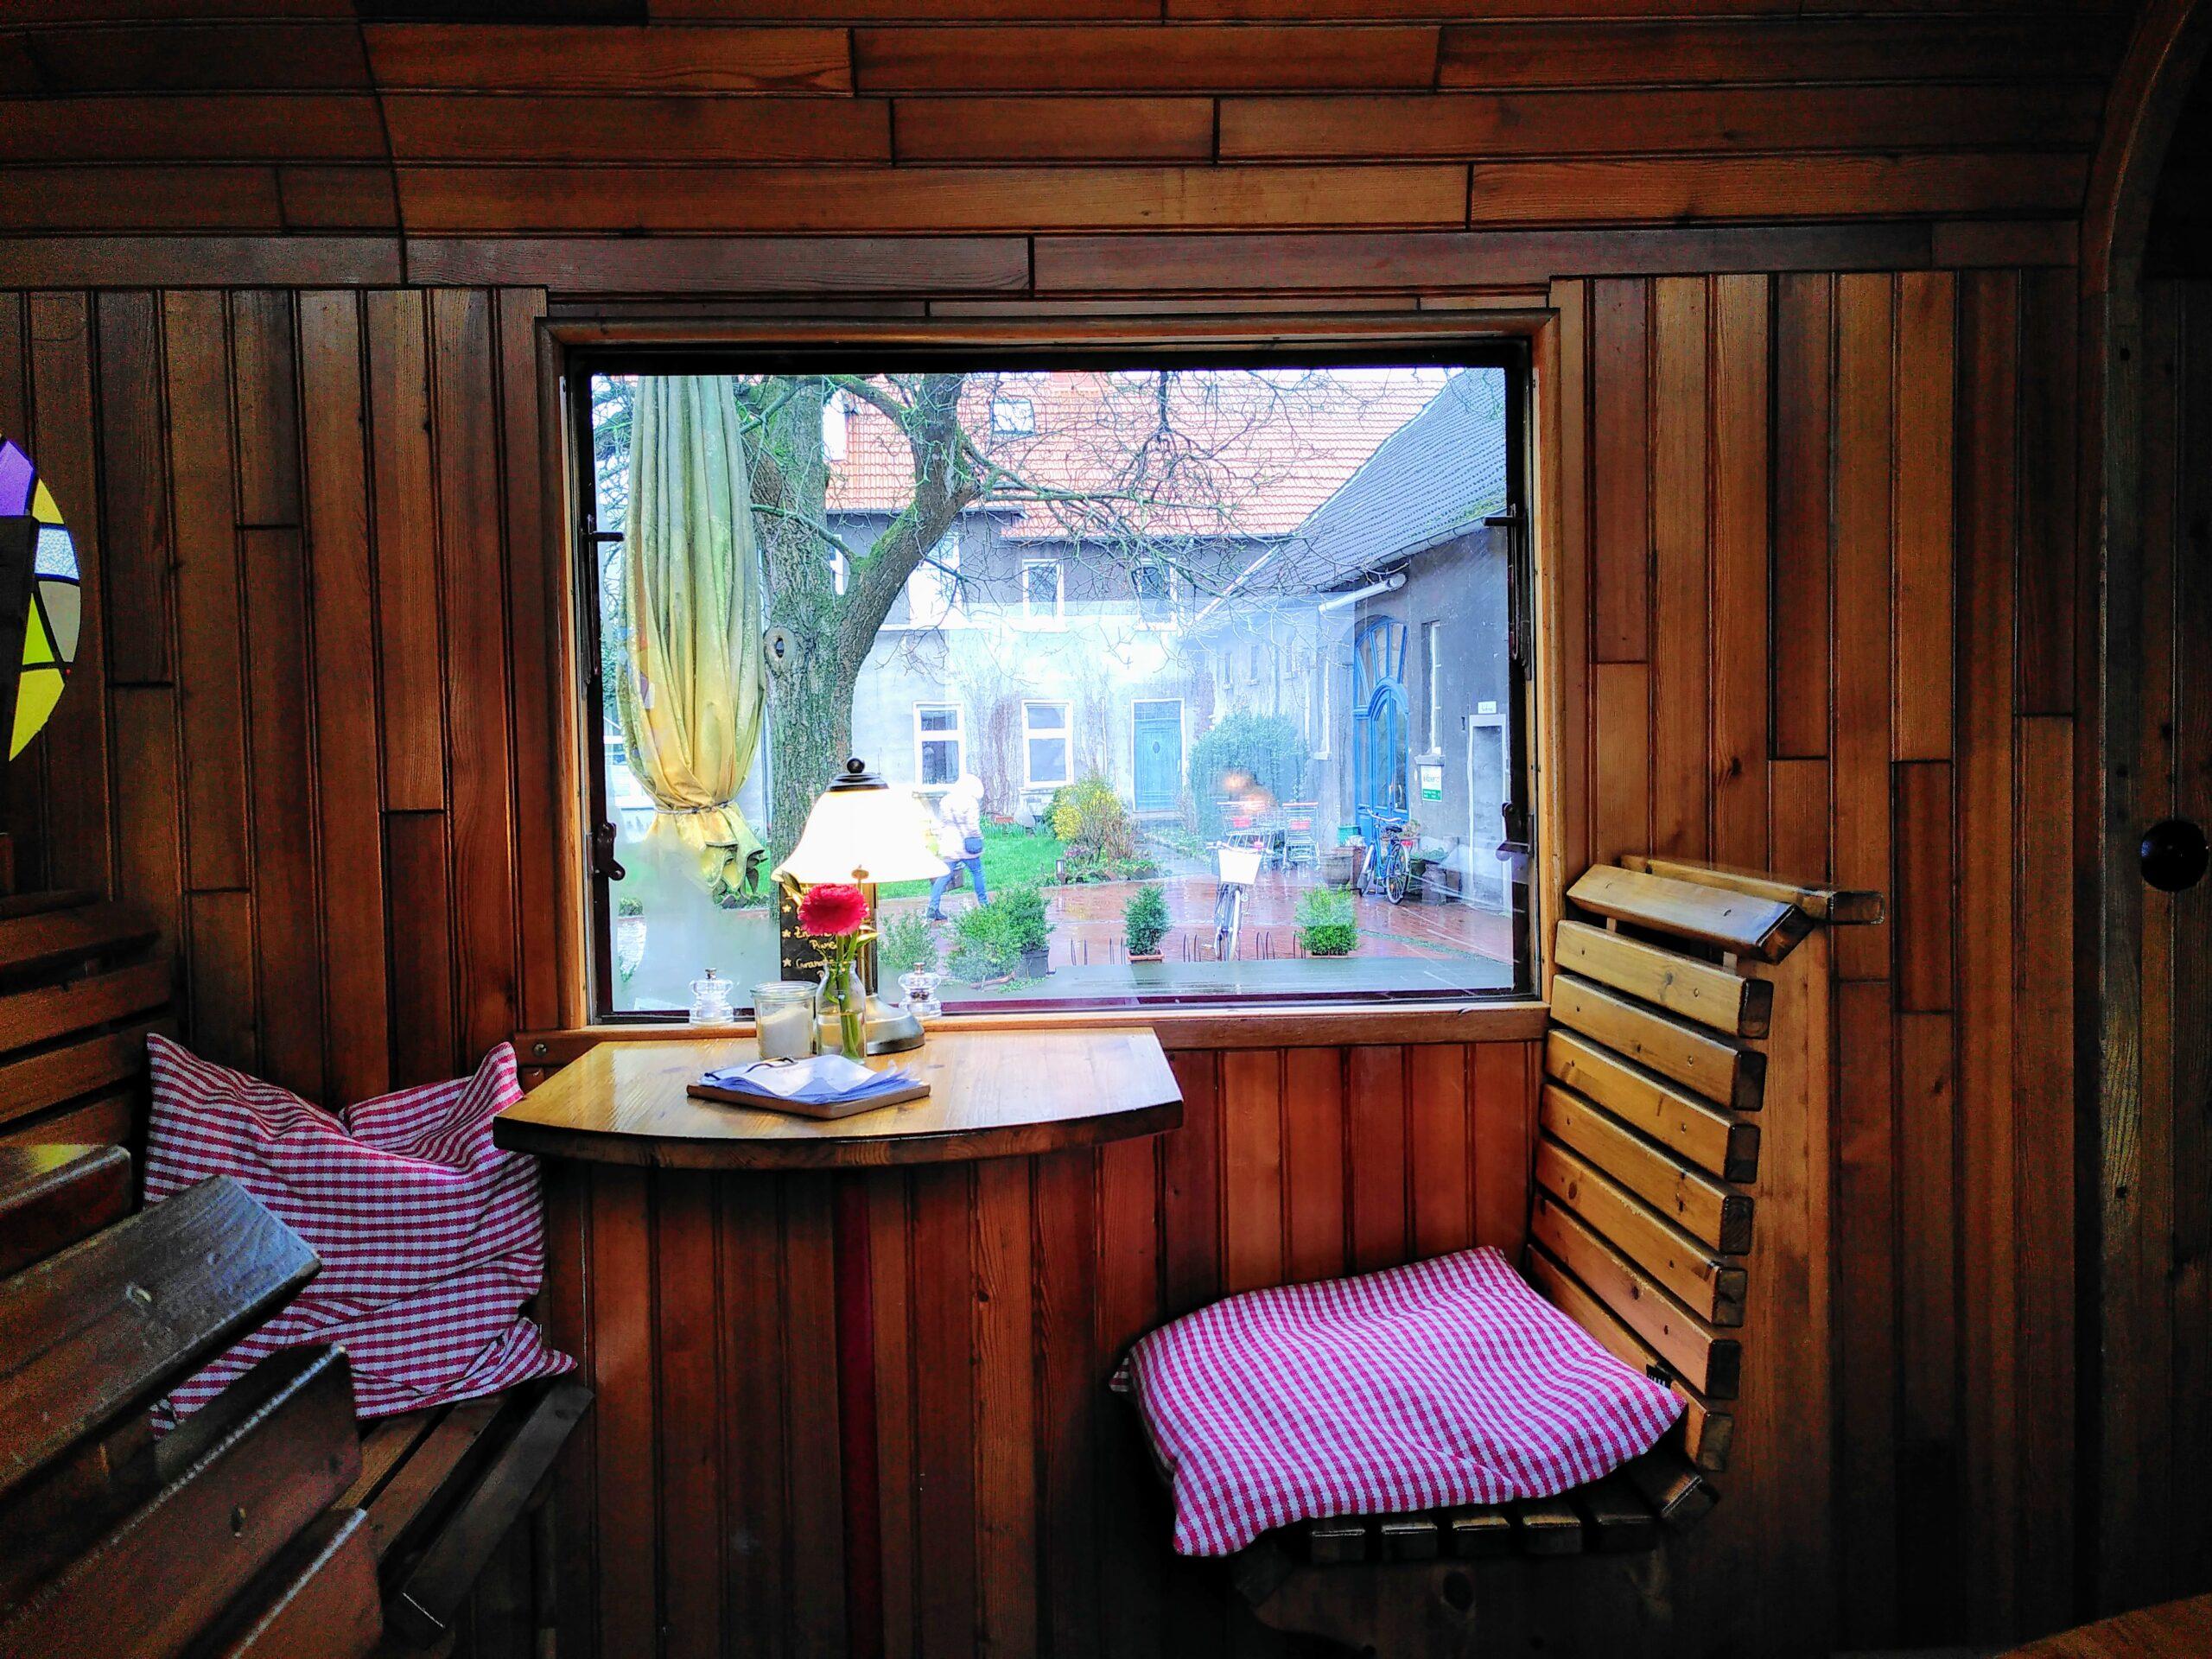 Foto vom Inneren des Café im Zirkuswagen mit Blick aus dem Fenster